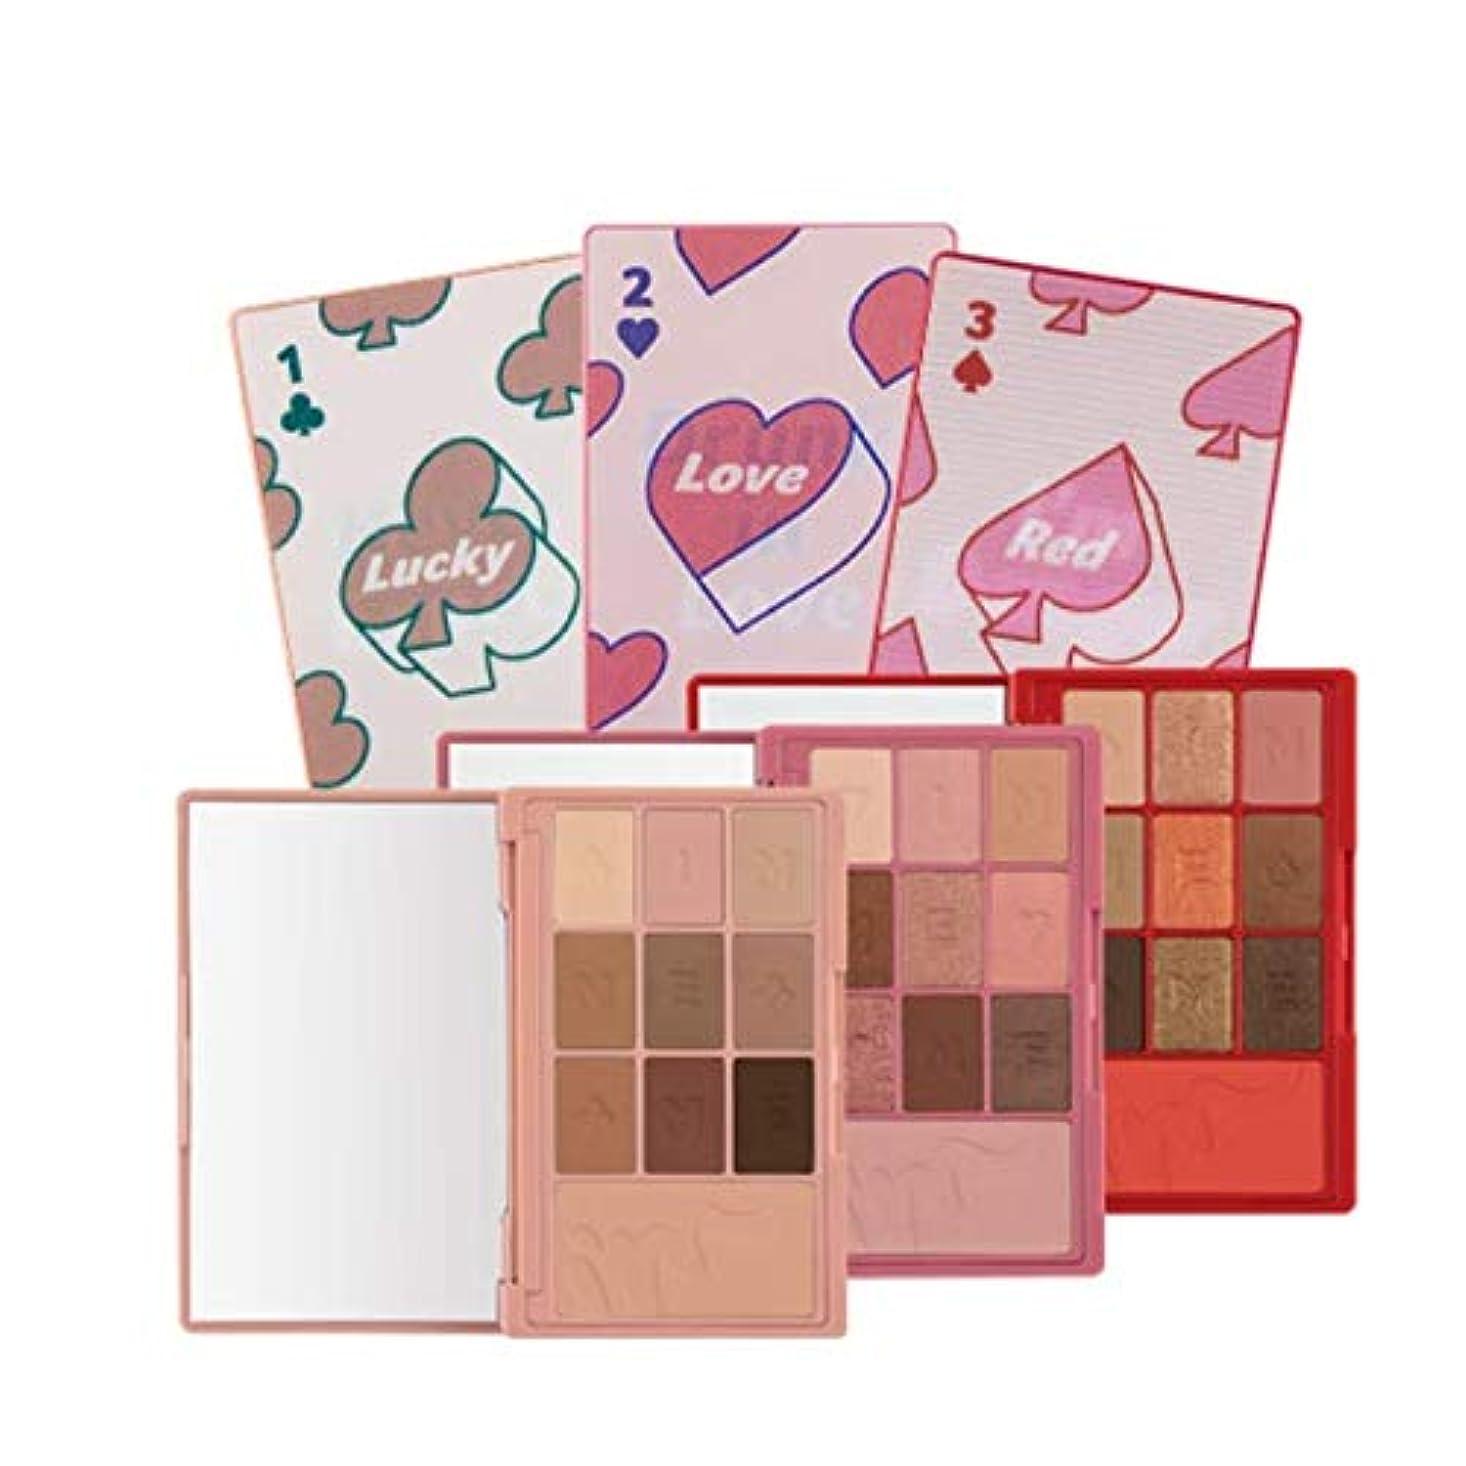 アプローチ第九バウンスアイムミミ アイム ヒドゥン カード パレット 8g I'M MEME I'M Hidden Card Palette (2. Love Card) [並行輸入品]